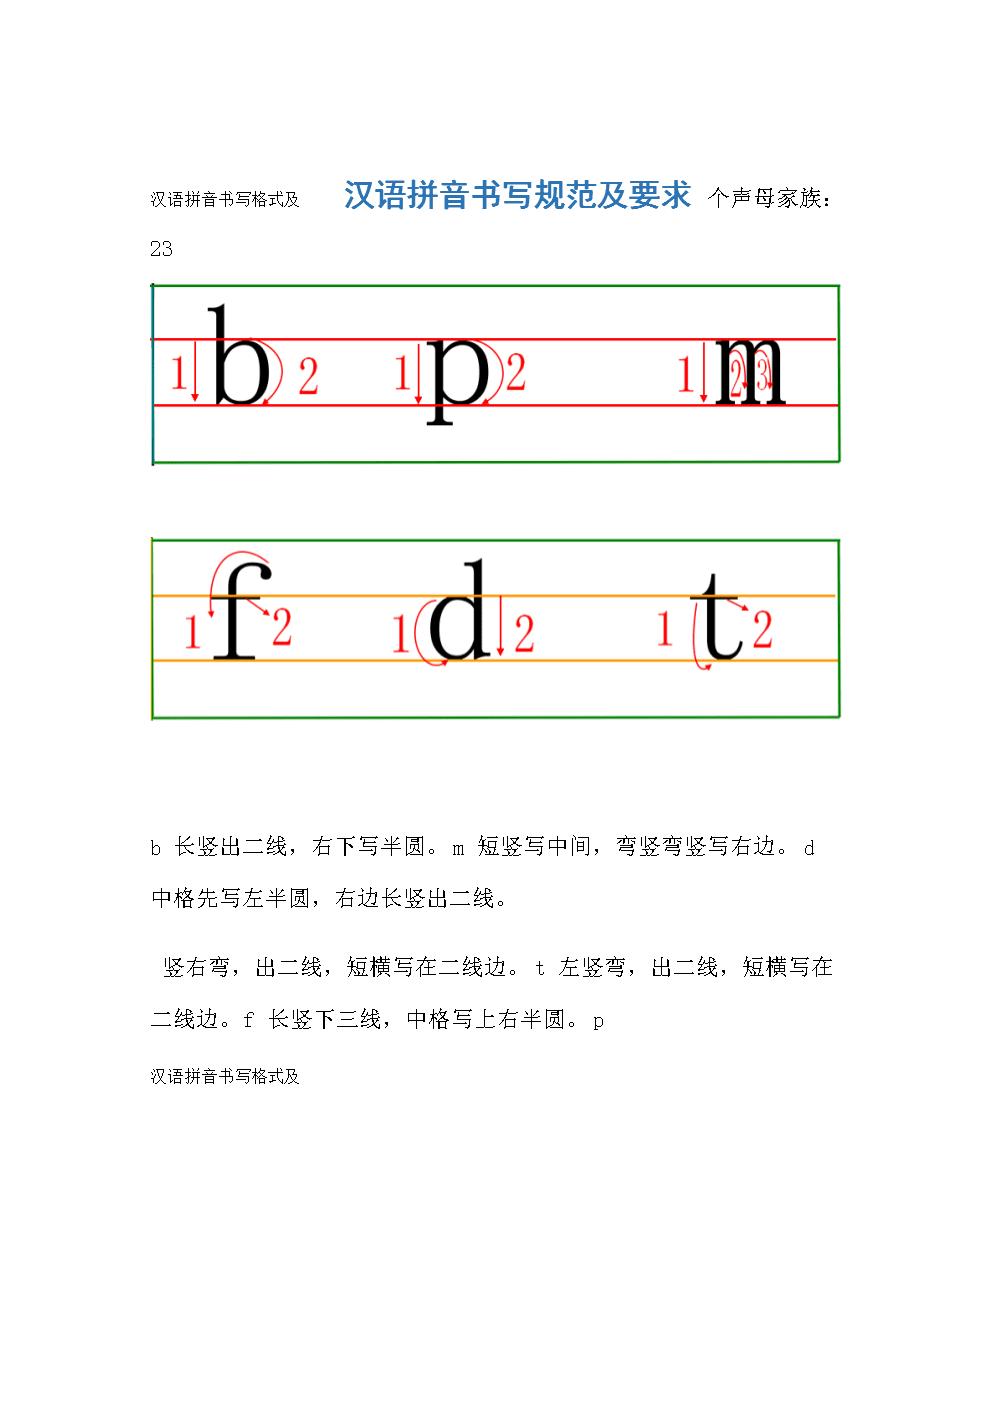 汉语拼音书写格式及.doc 8页图片